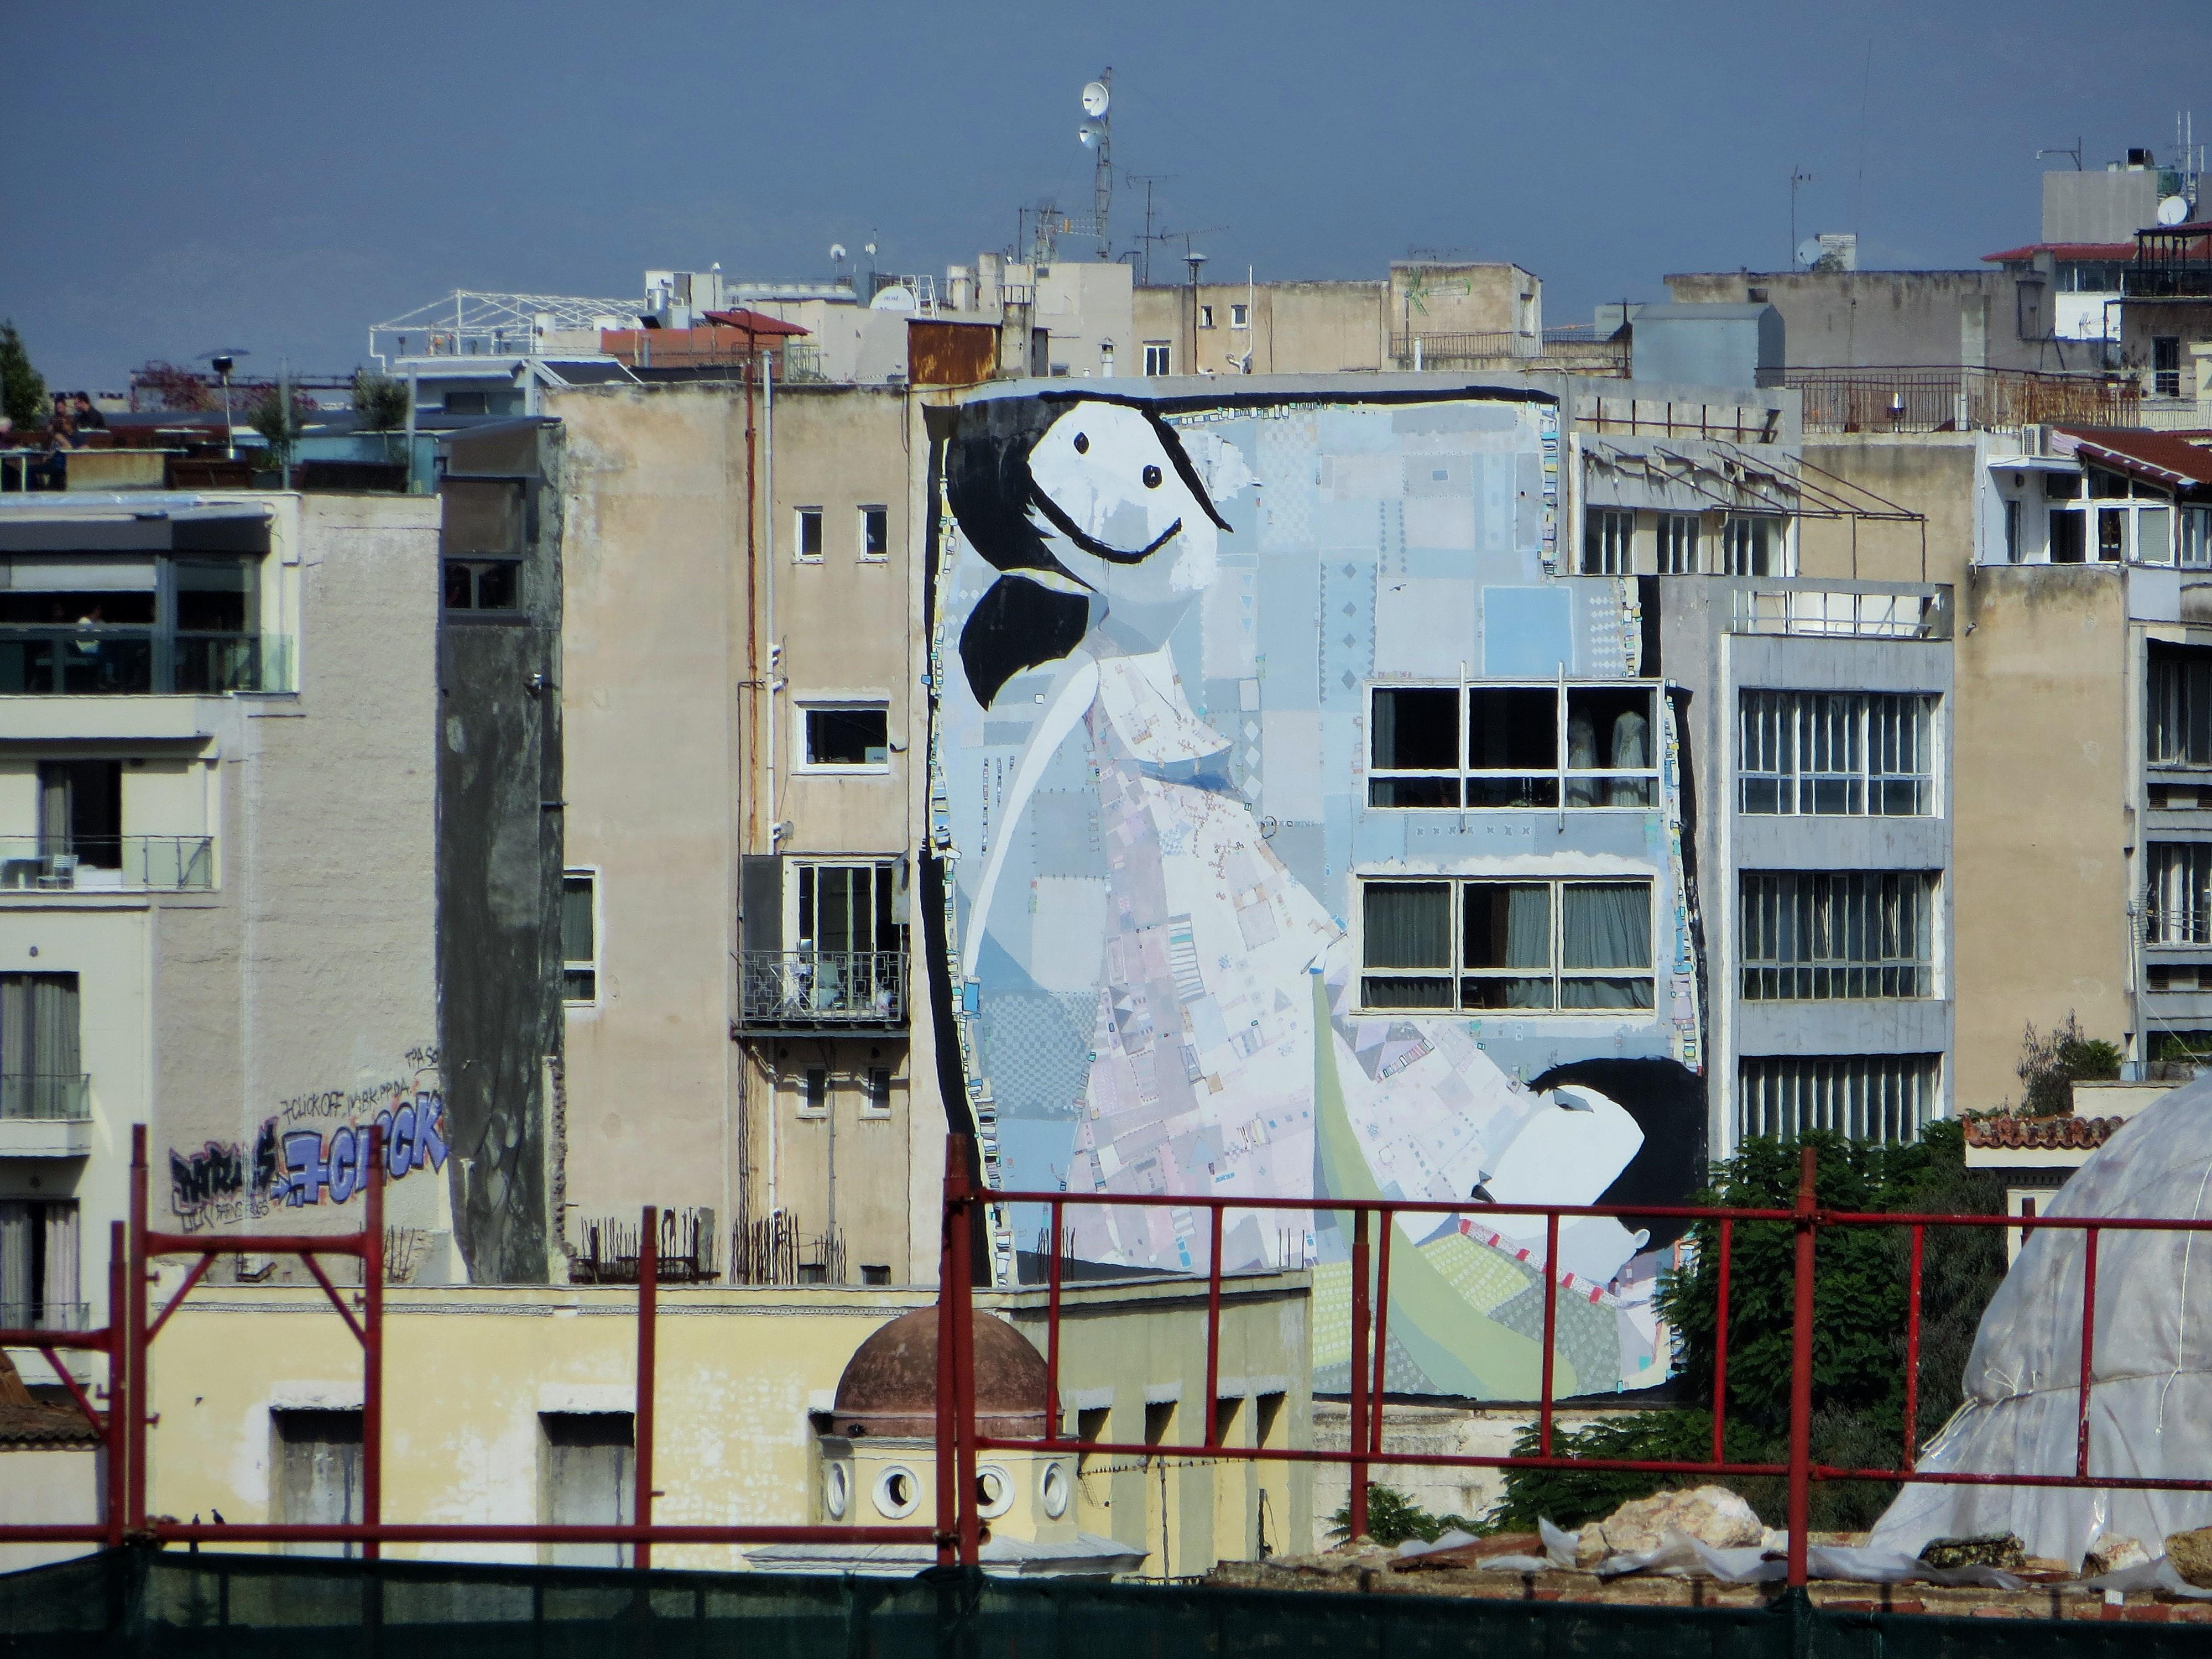 Erkunde die Viertel in Athen - sie sind es wert